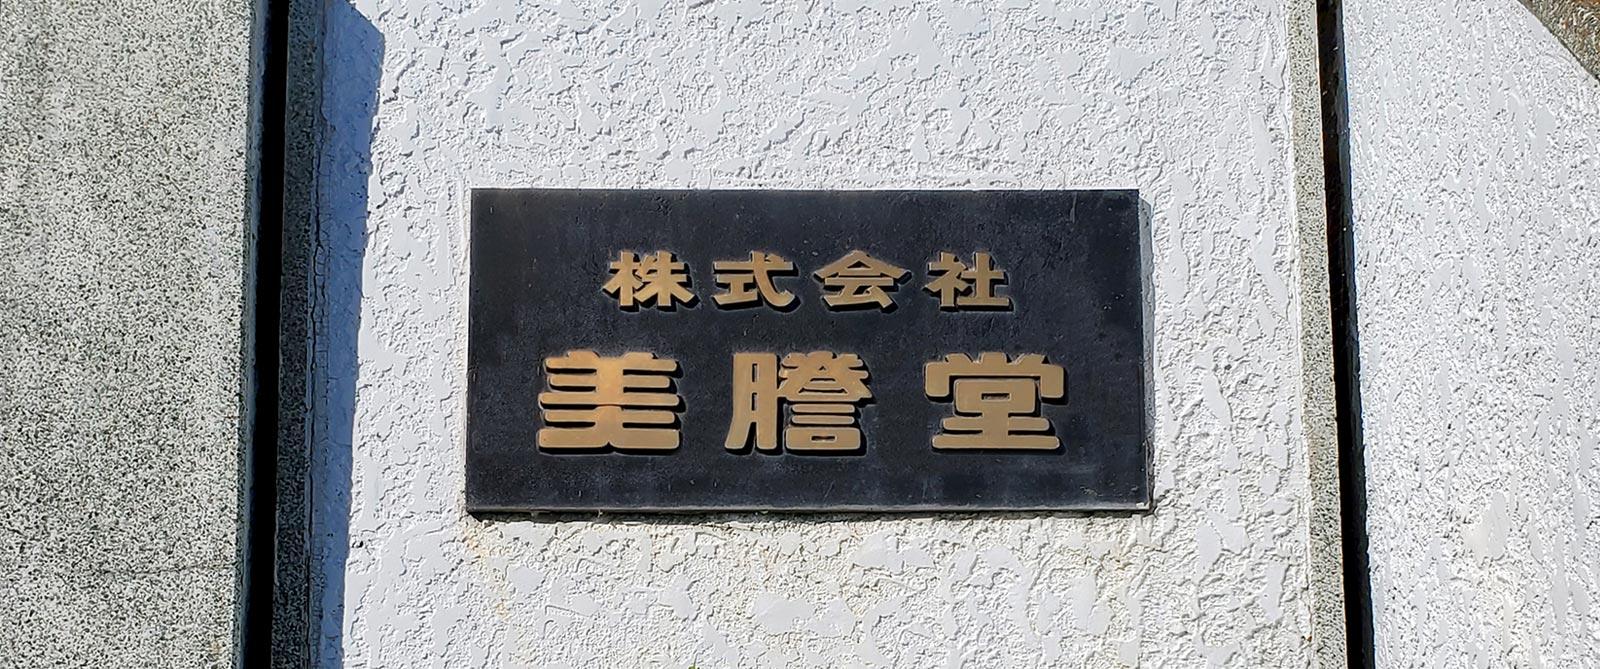 印刷会社 美謄堂